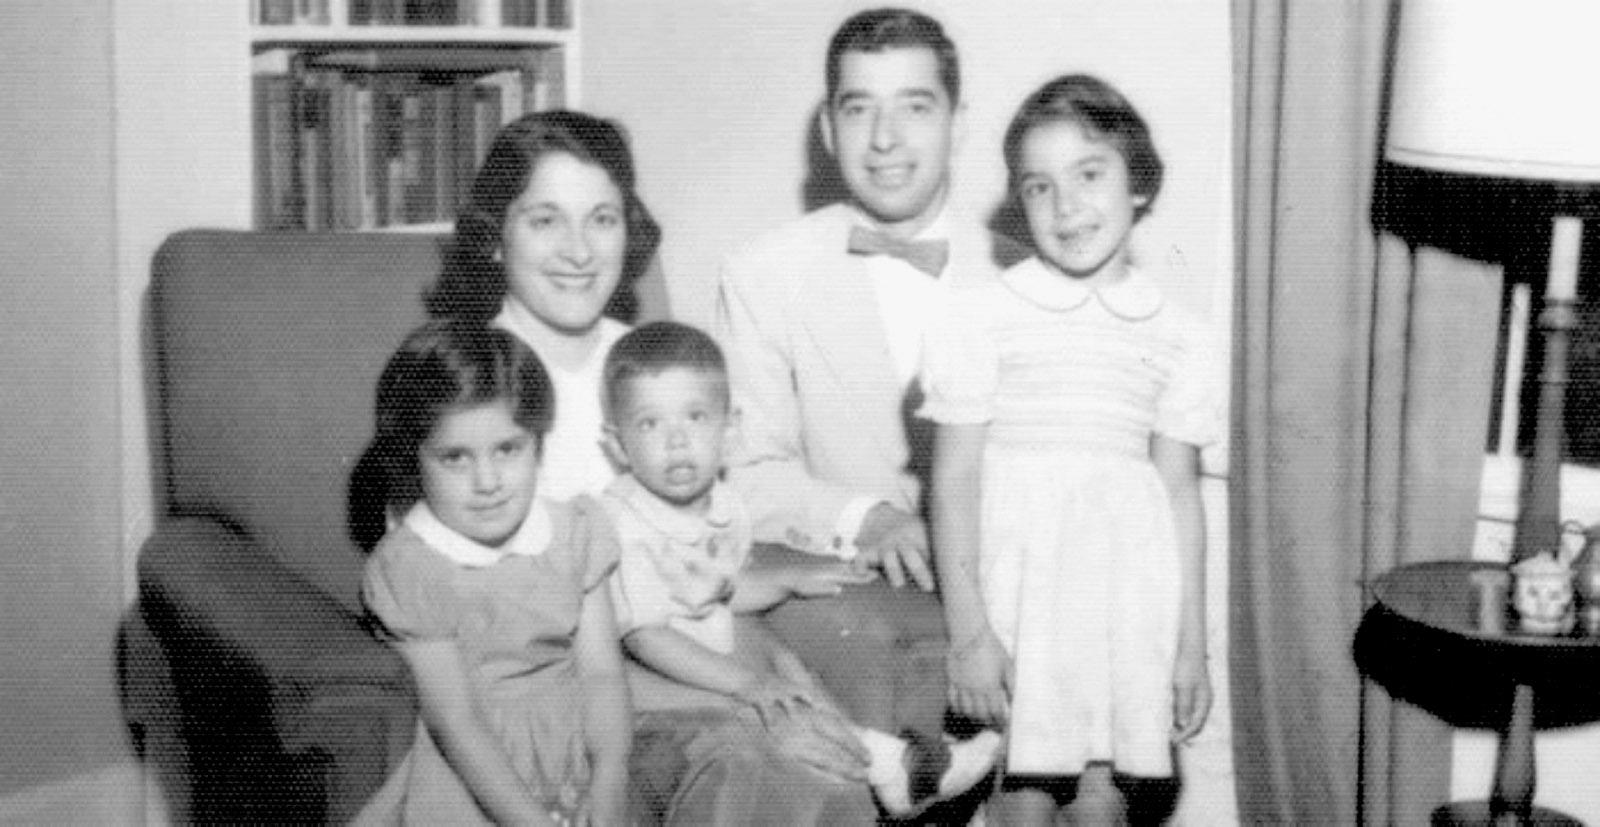 Maxine Kumin and her family